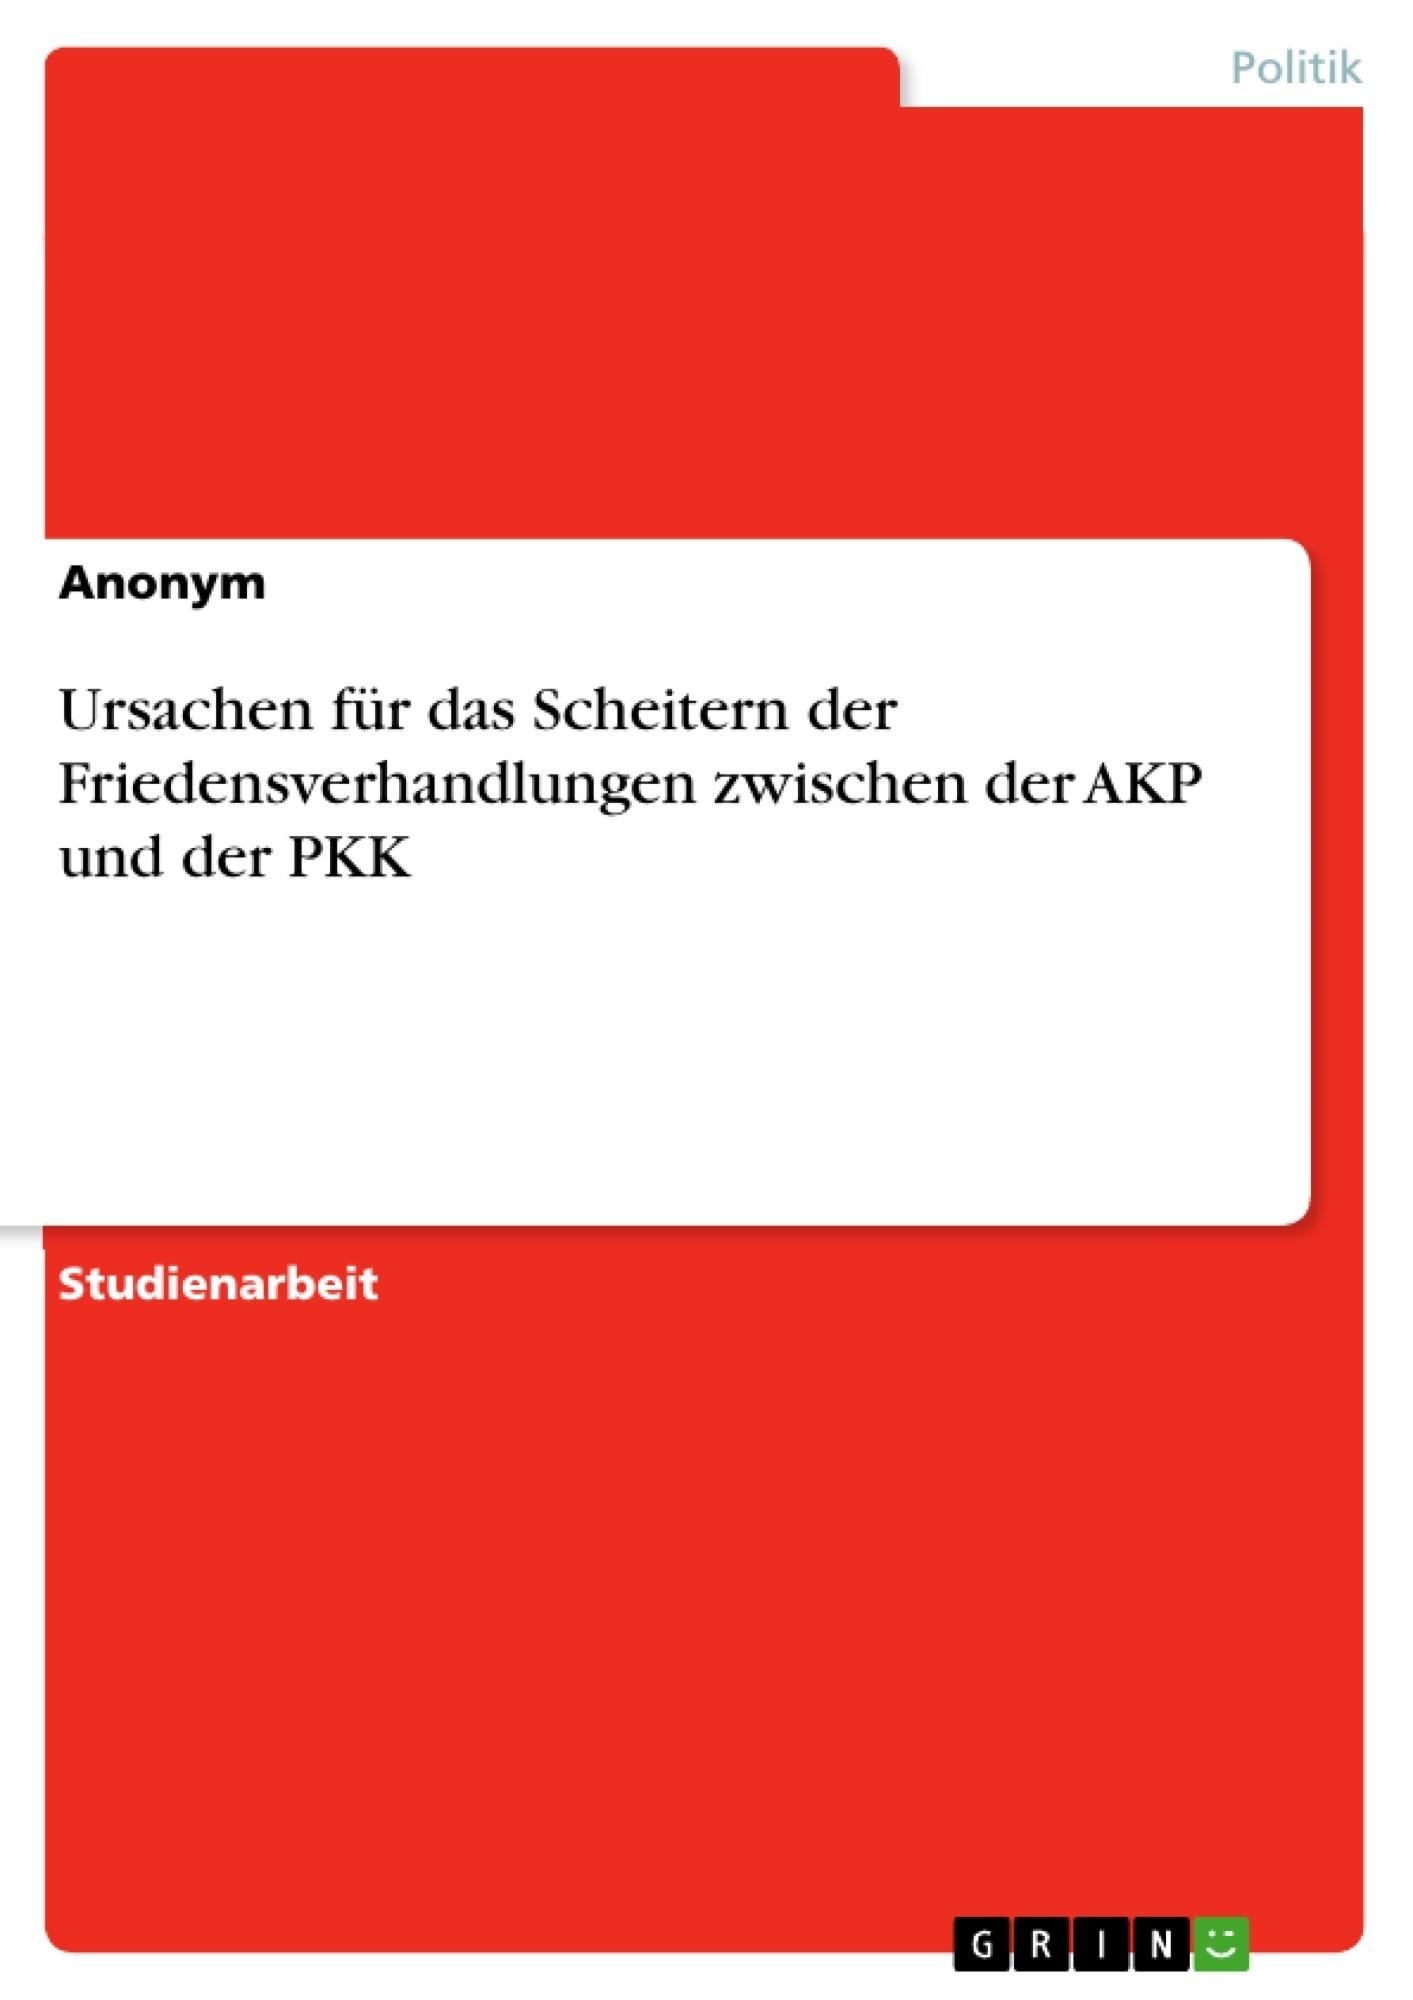 Titel: Ursachen für das Scheitern der Friedensverhandlungen zwischen der AKP und der PKK